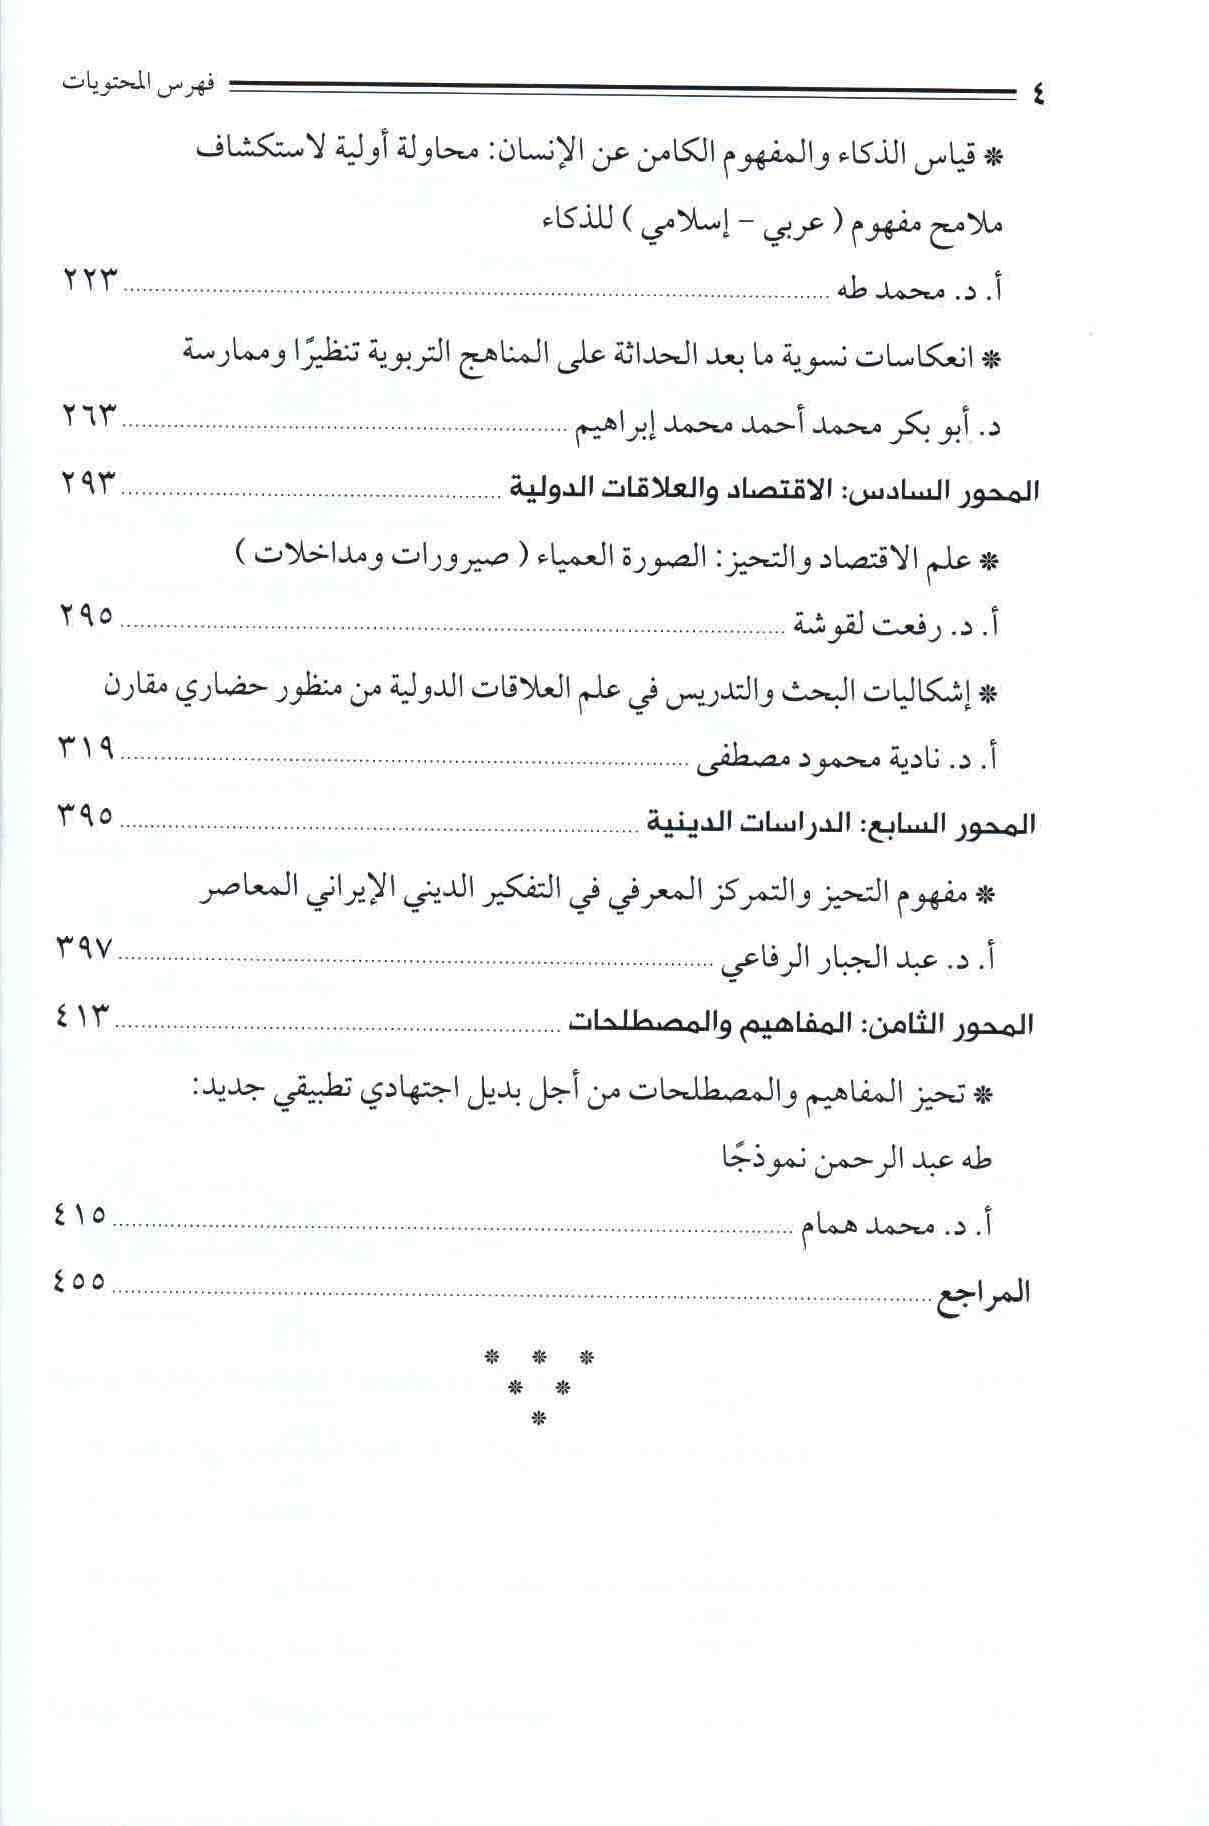 ص 4 قائمة محتويات المؤتمر الثاني لفقه التحيز